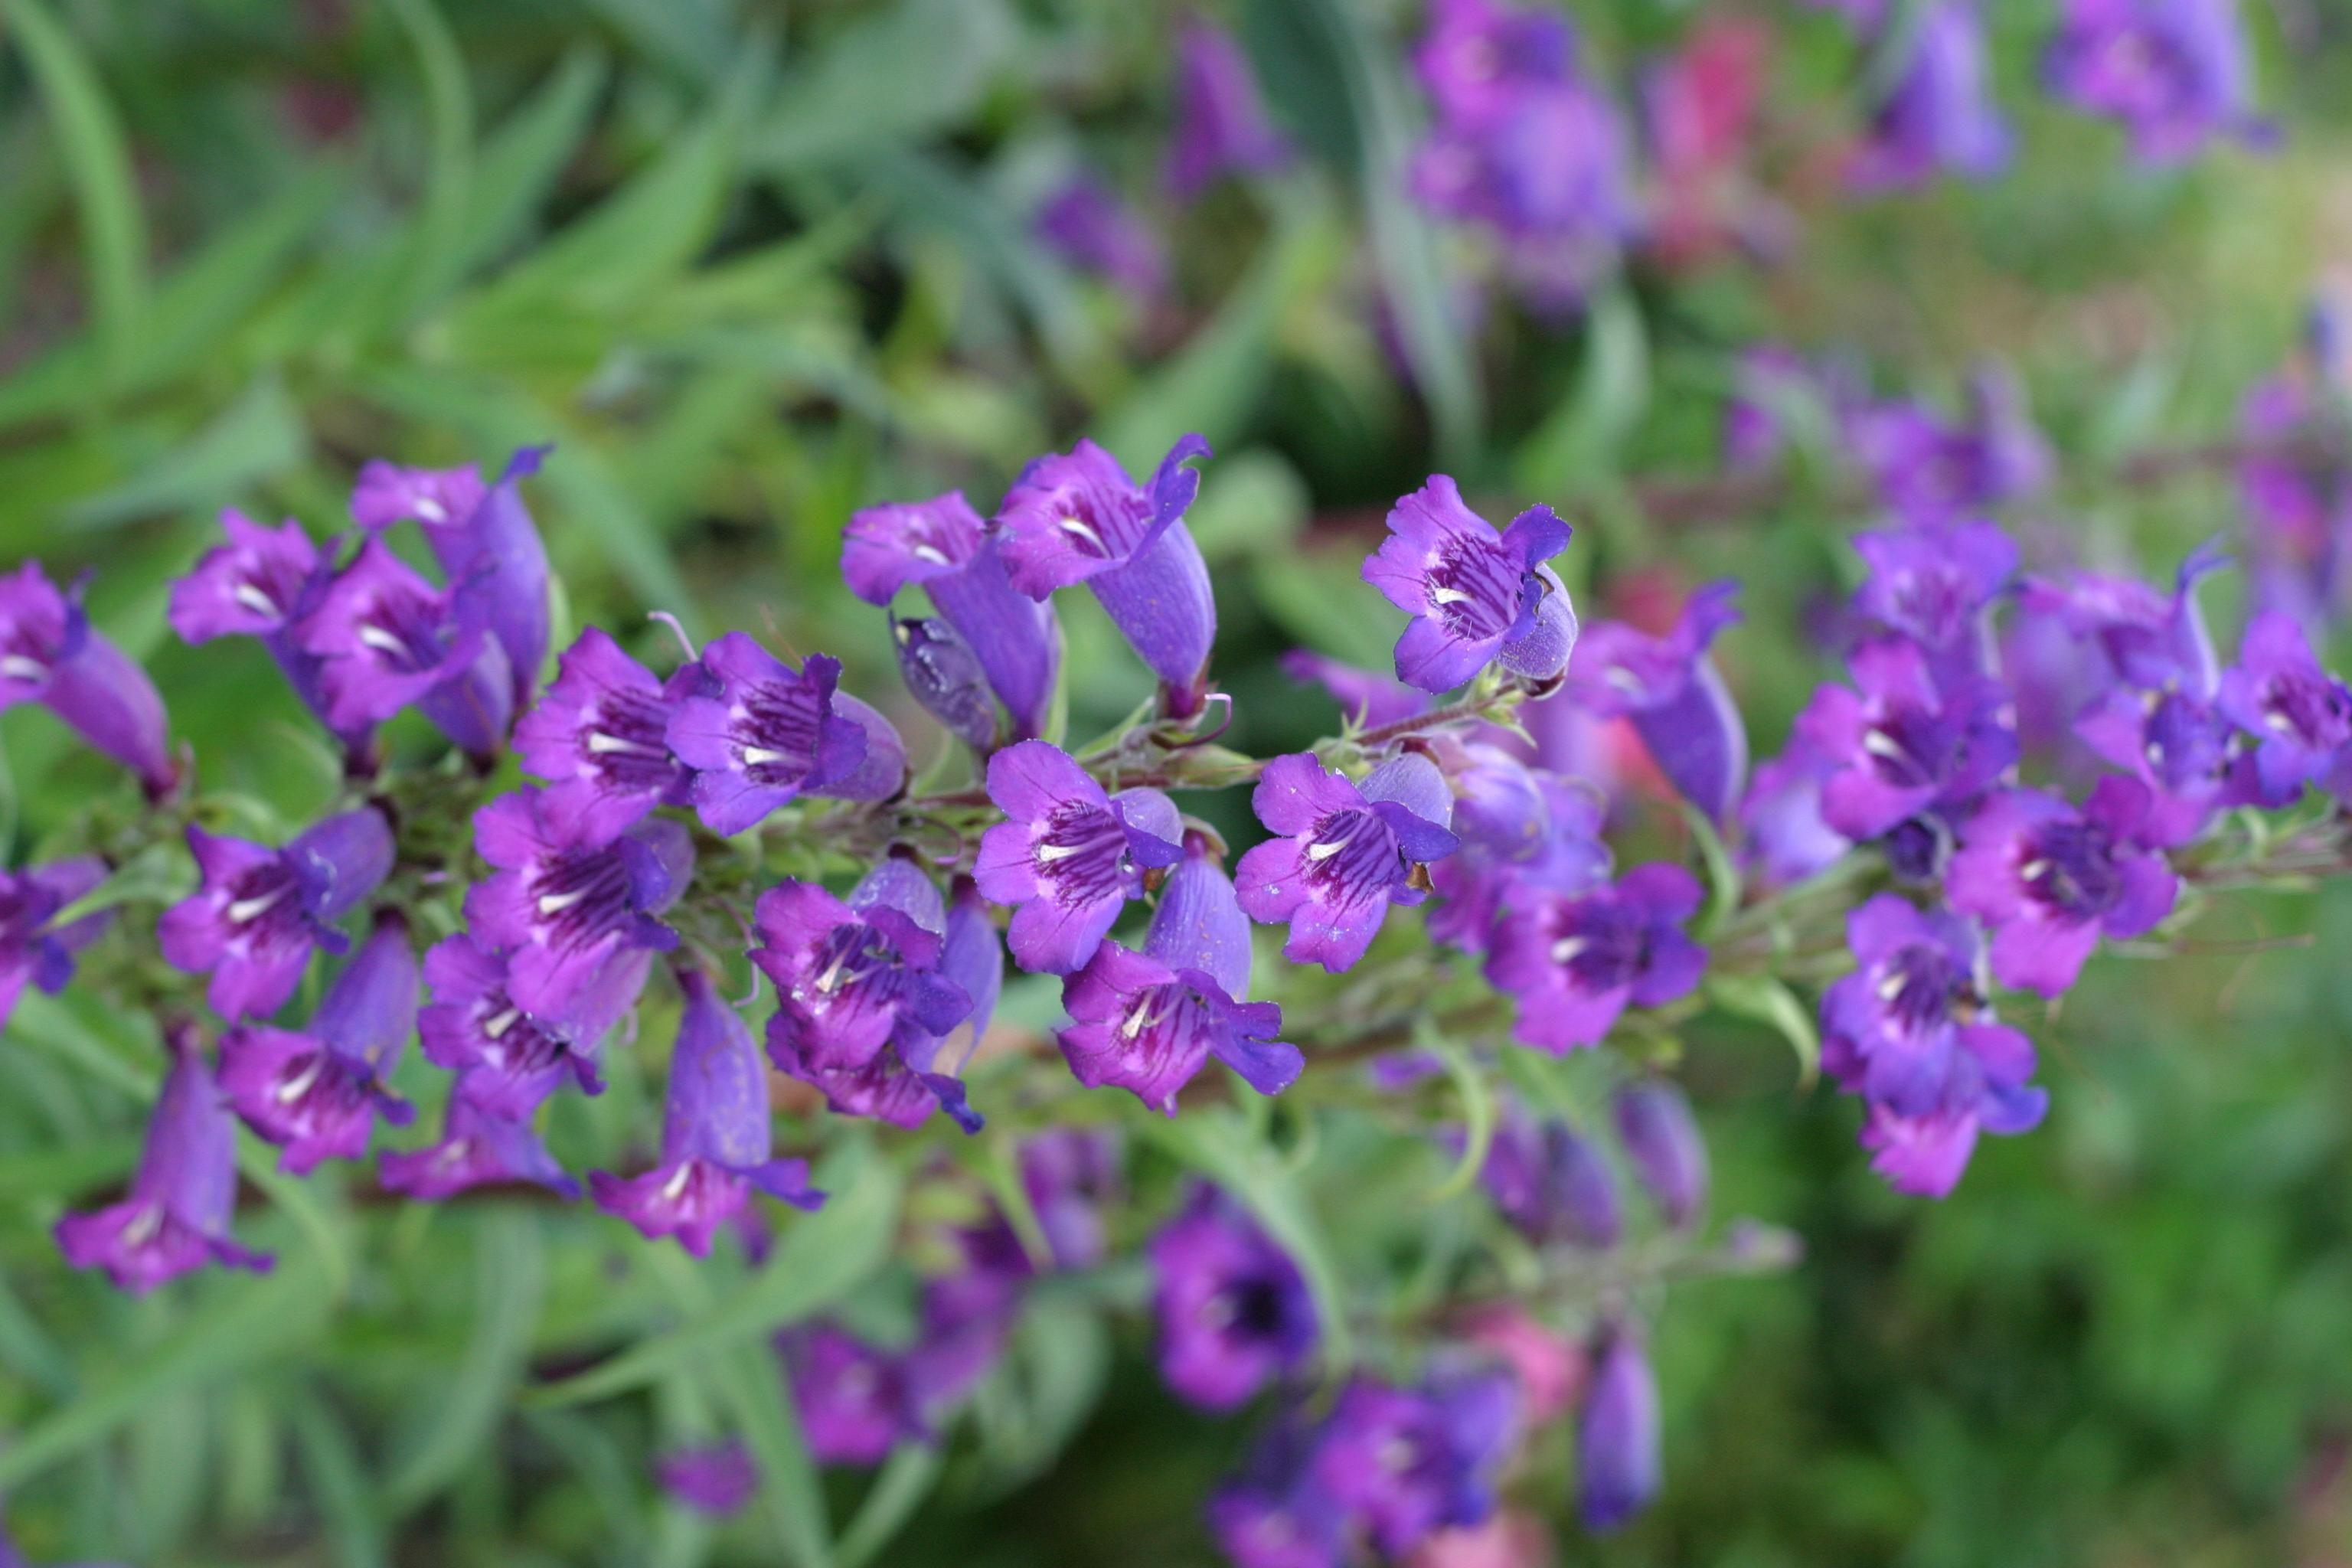 Piccoli Fiori Viola.Foto Gratis Piccoli Fiori Viola